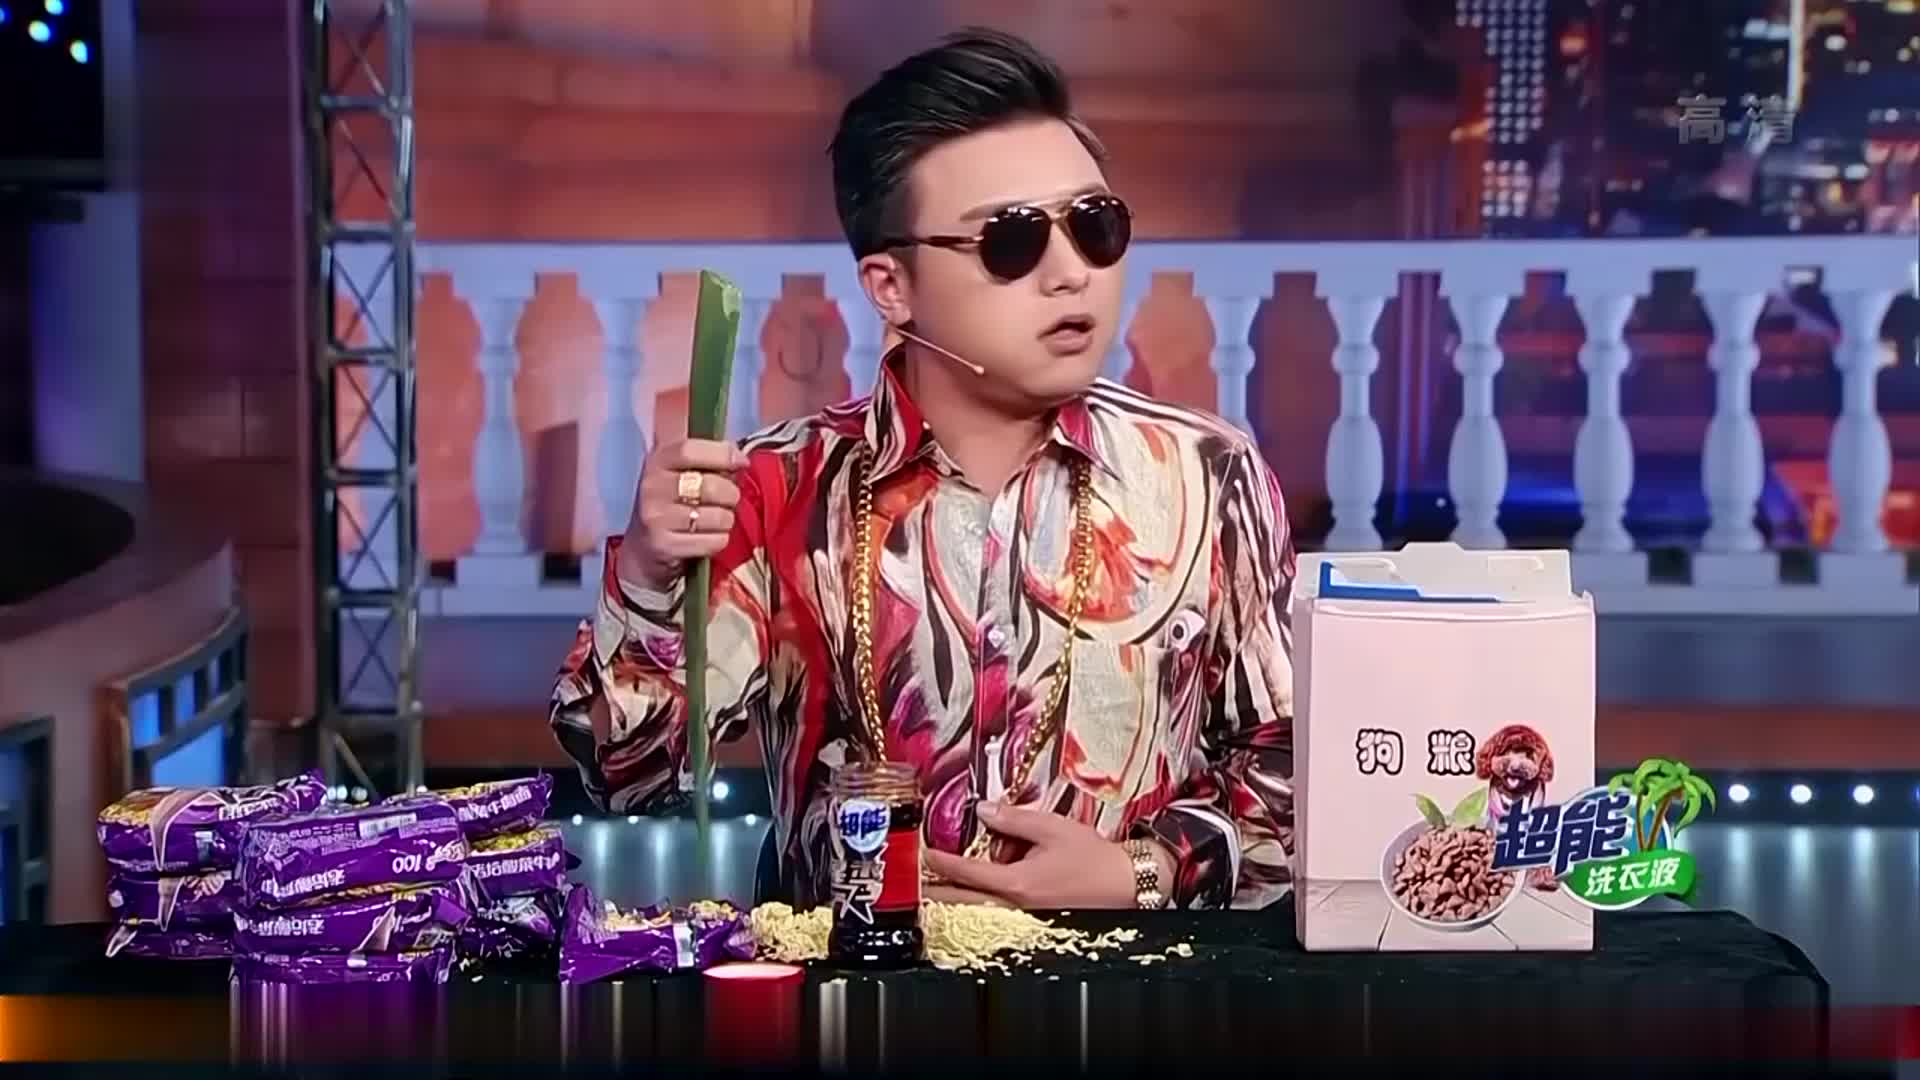 金星秀:现在的主播啥都敢吃,竟用龙舌兰蘸老干妈,真不怕被毒死